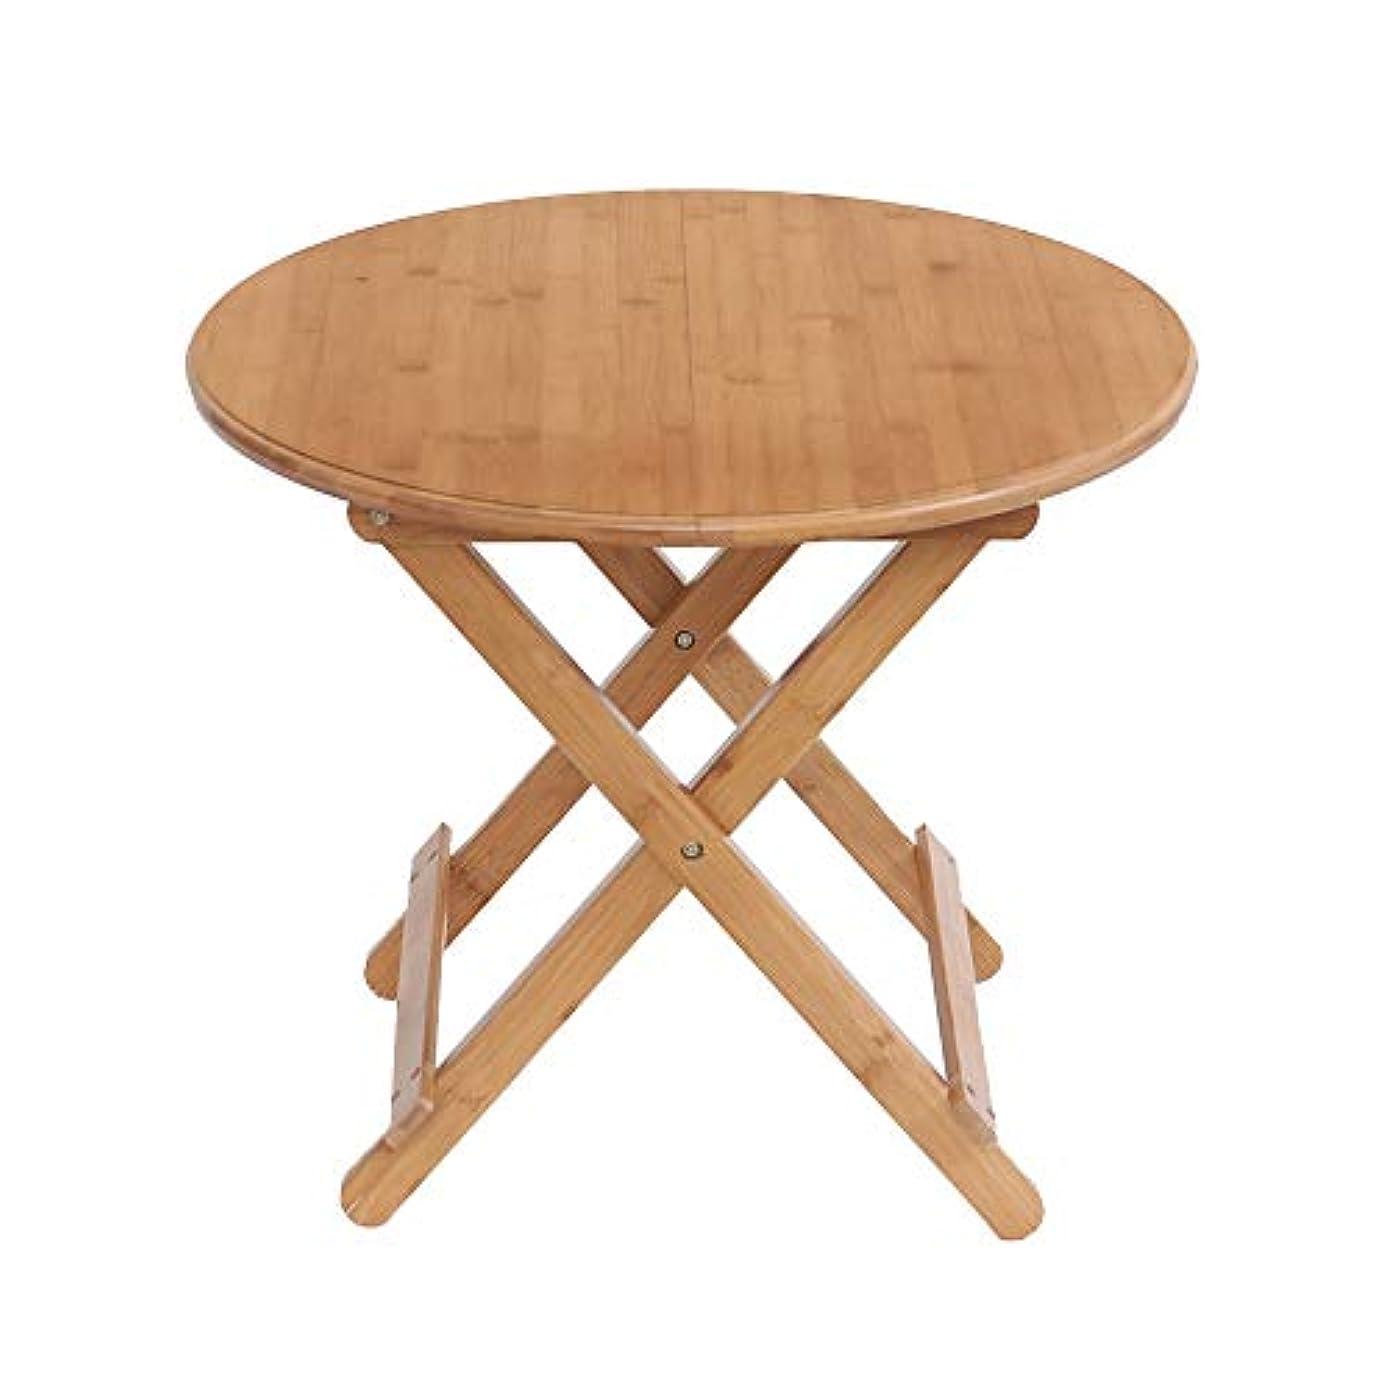 異議本土多様性LJHA zhuozi 折りたたみテーブル、ラウンドテーブル、ティーテーブル、コーヒーテーブル、ラップトップスタンド、キャンプテーブル、リビングルームテーブル、屋外ダイニングテーブル (Size : 60x60cm)